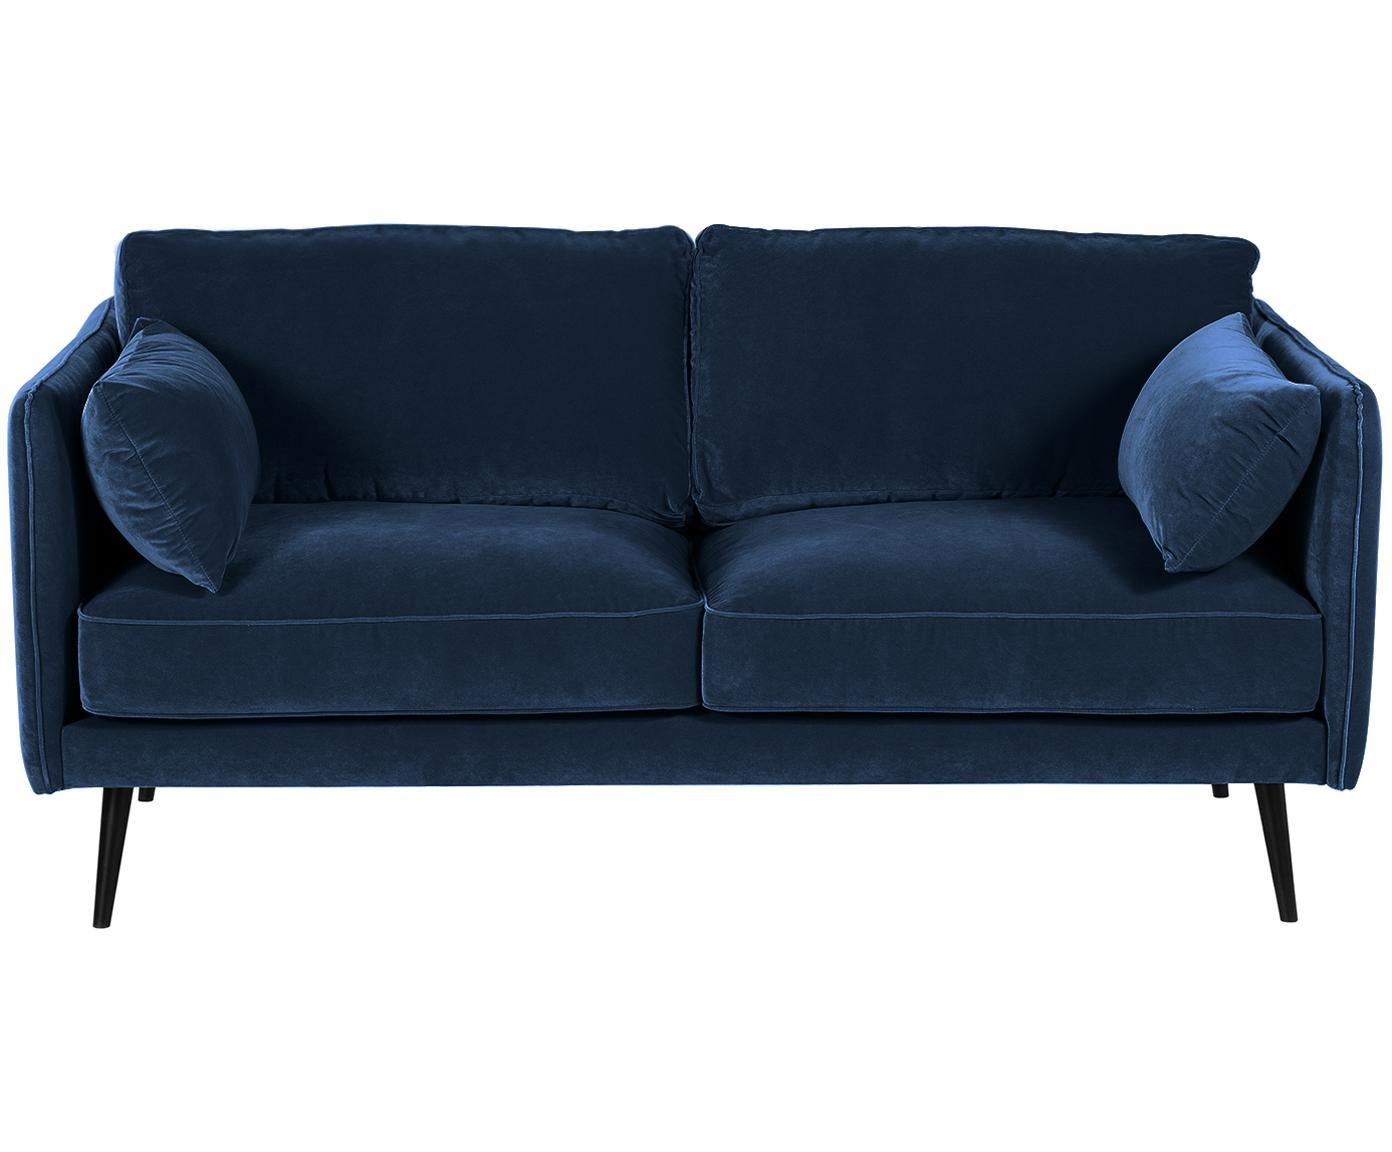 Sofa z aksamitu Paola (2-osobowa), Tapicerka: aksamit (poliester) 7000, Stelaż: masywne drewno świerkowe,, Nogi: drewno świerkowe, lakiero, Niebieski, S 179 x G 95 cm